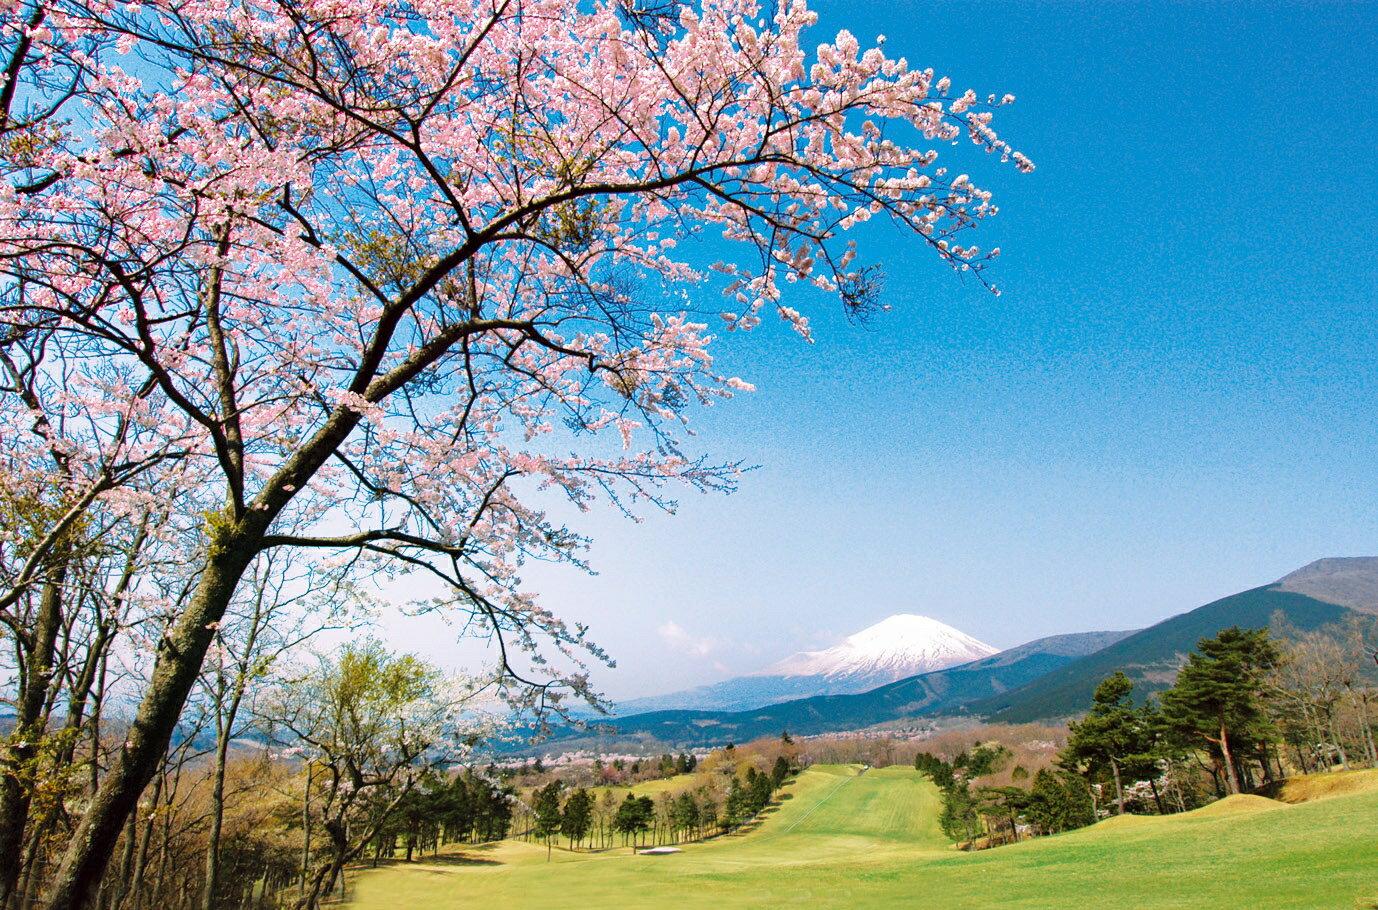 【ふるさと納税】C7 東富士C・Cゴルフプレー利用券 3枚:静岡県小山町